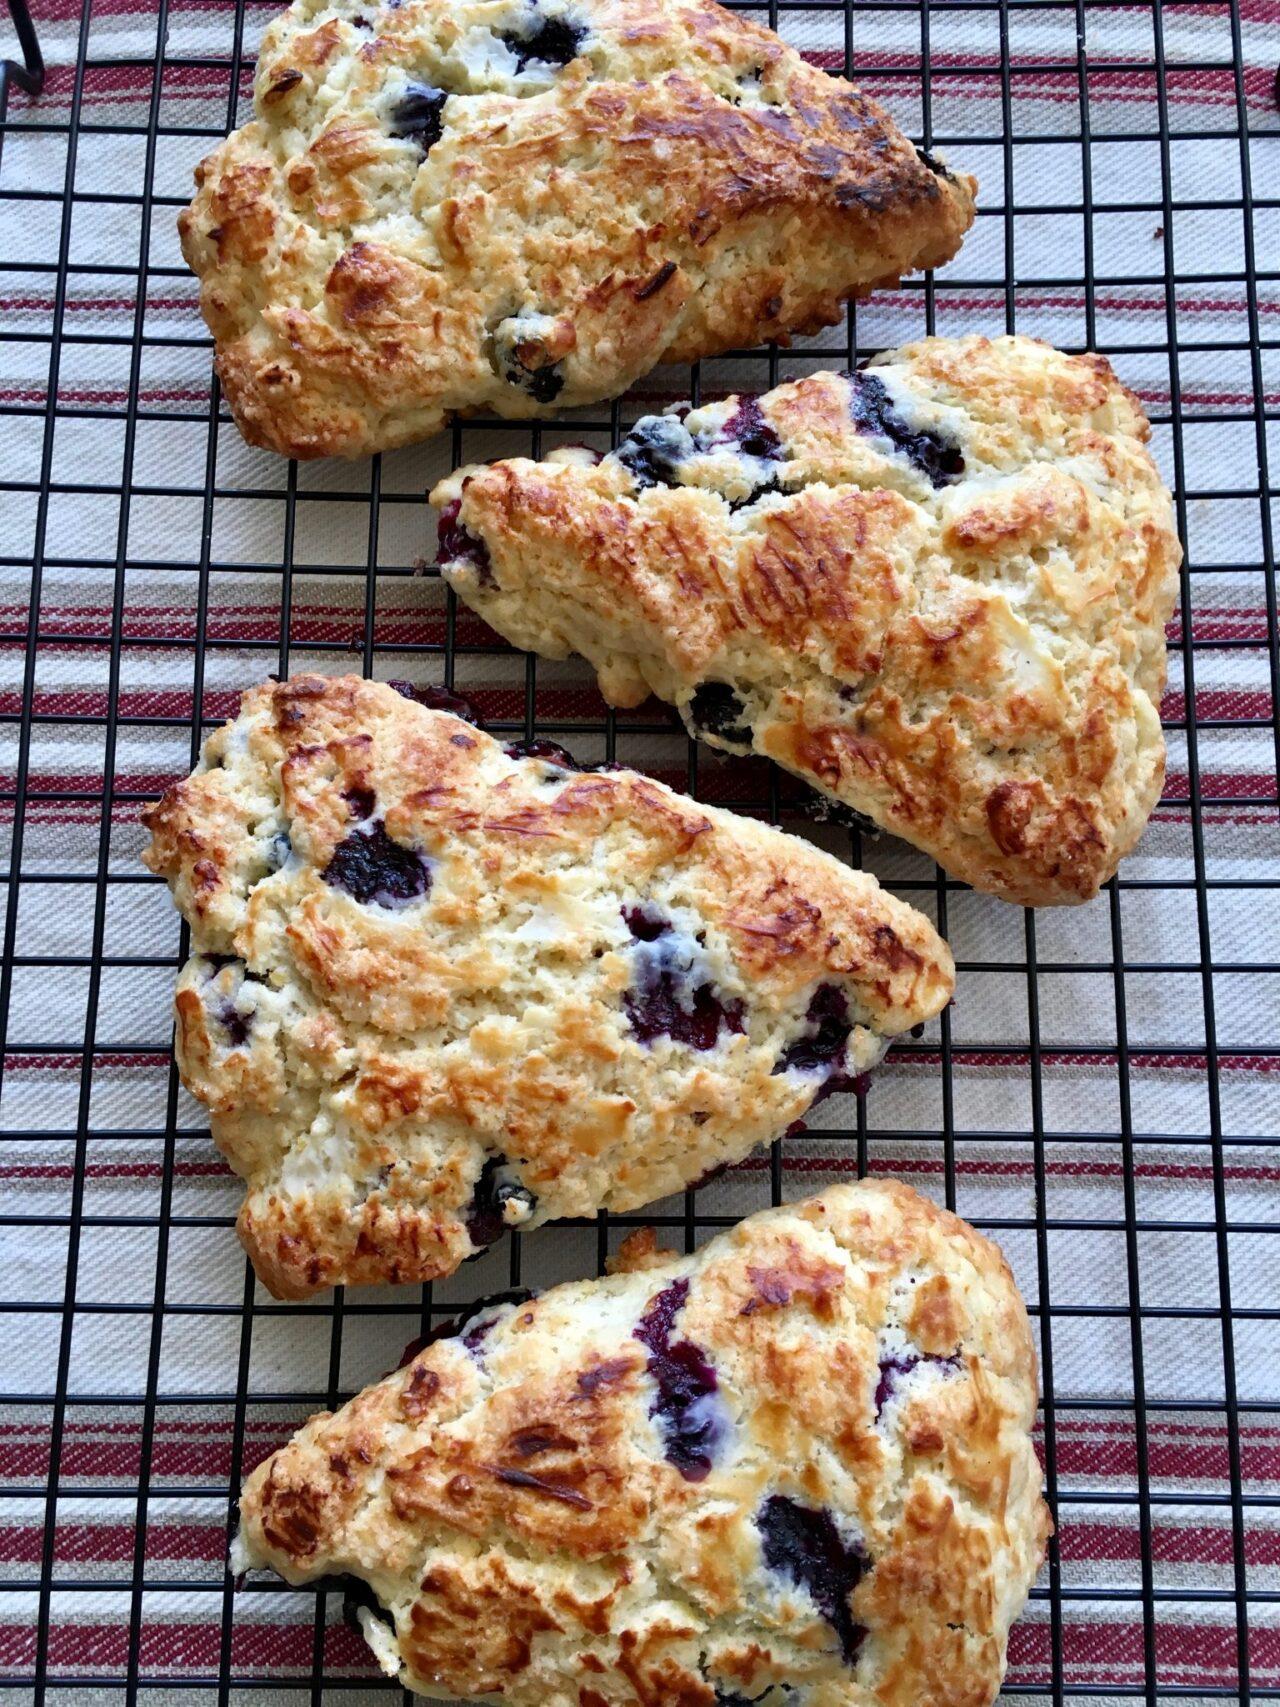 Meyer lemon blueberry scones